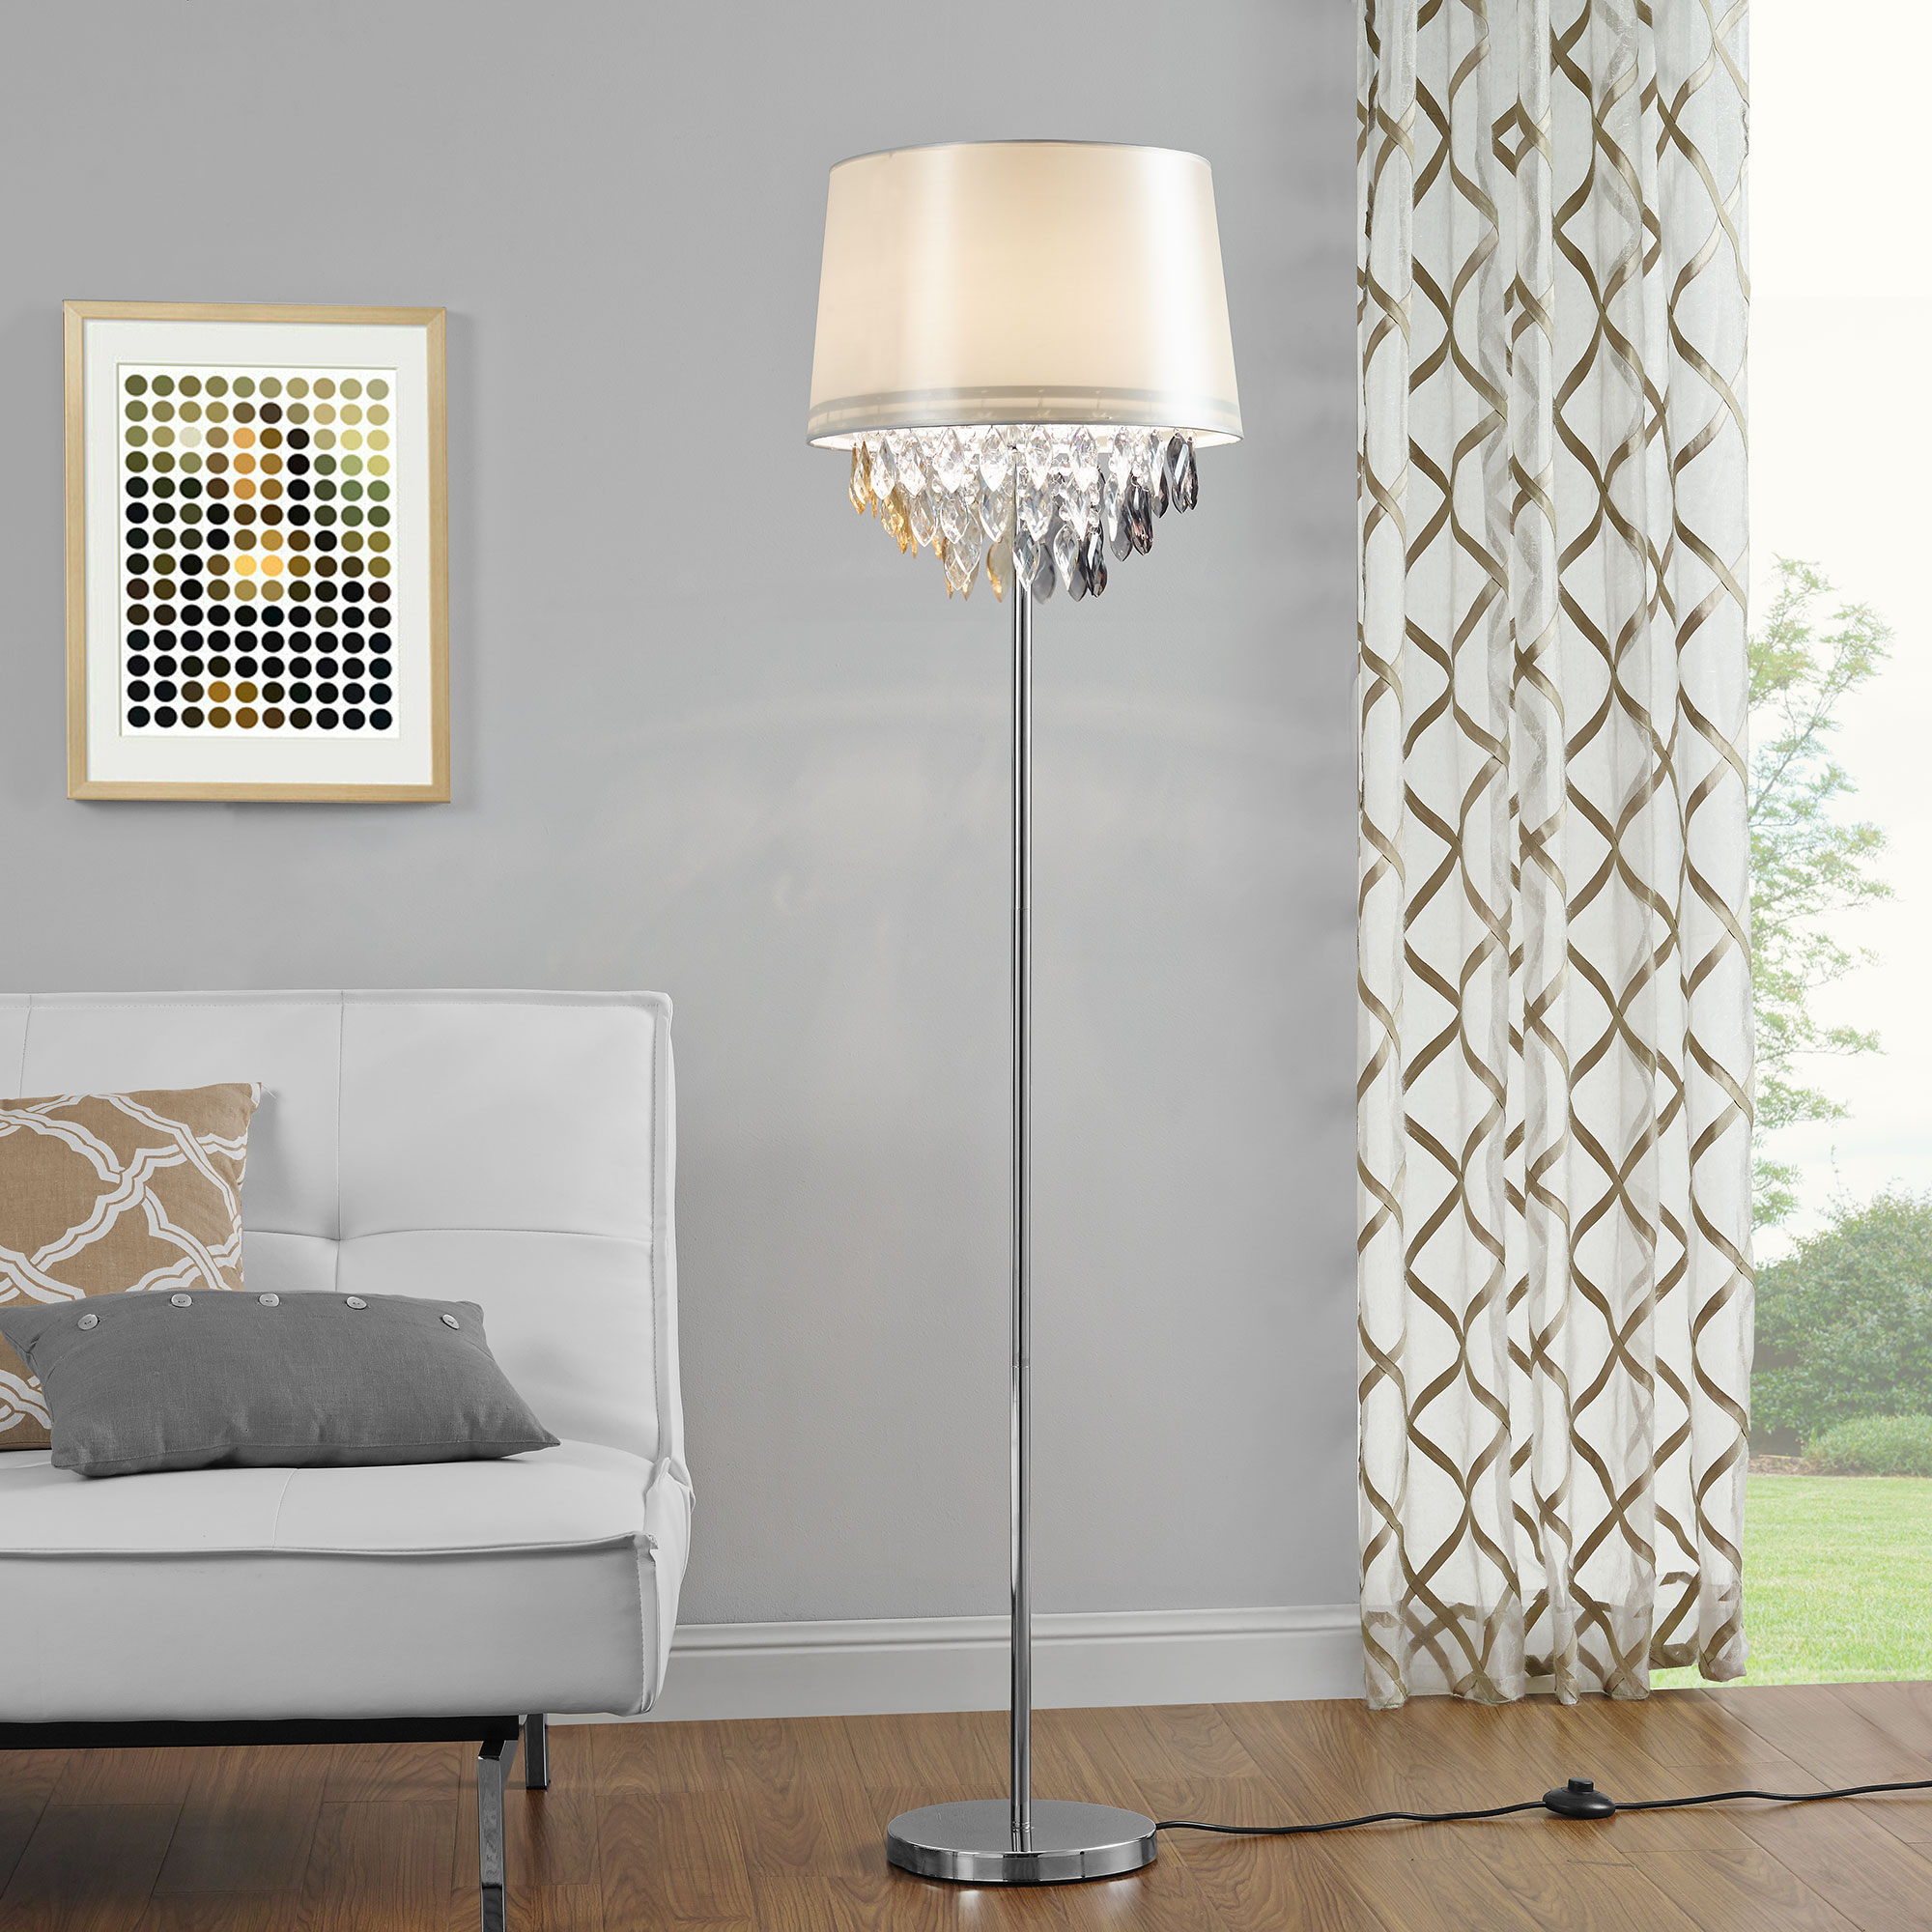 Artikel Die Sie Noch Interessieren Knnten Stehleuchte EIFFELTURM Stehlampe Lampe Wohnzimmer